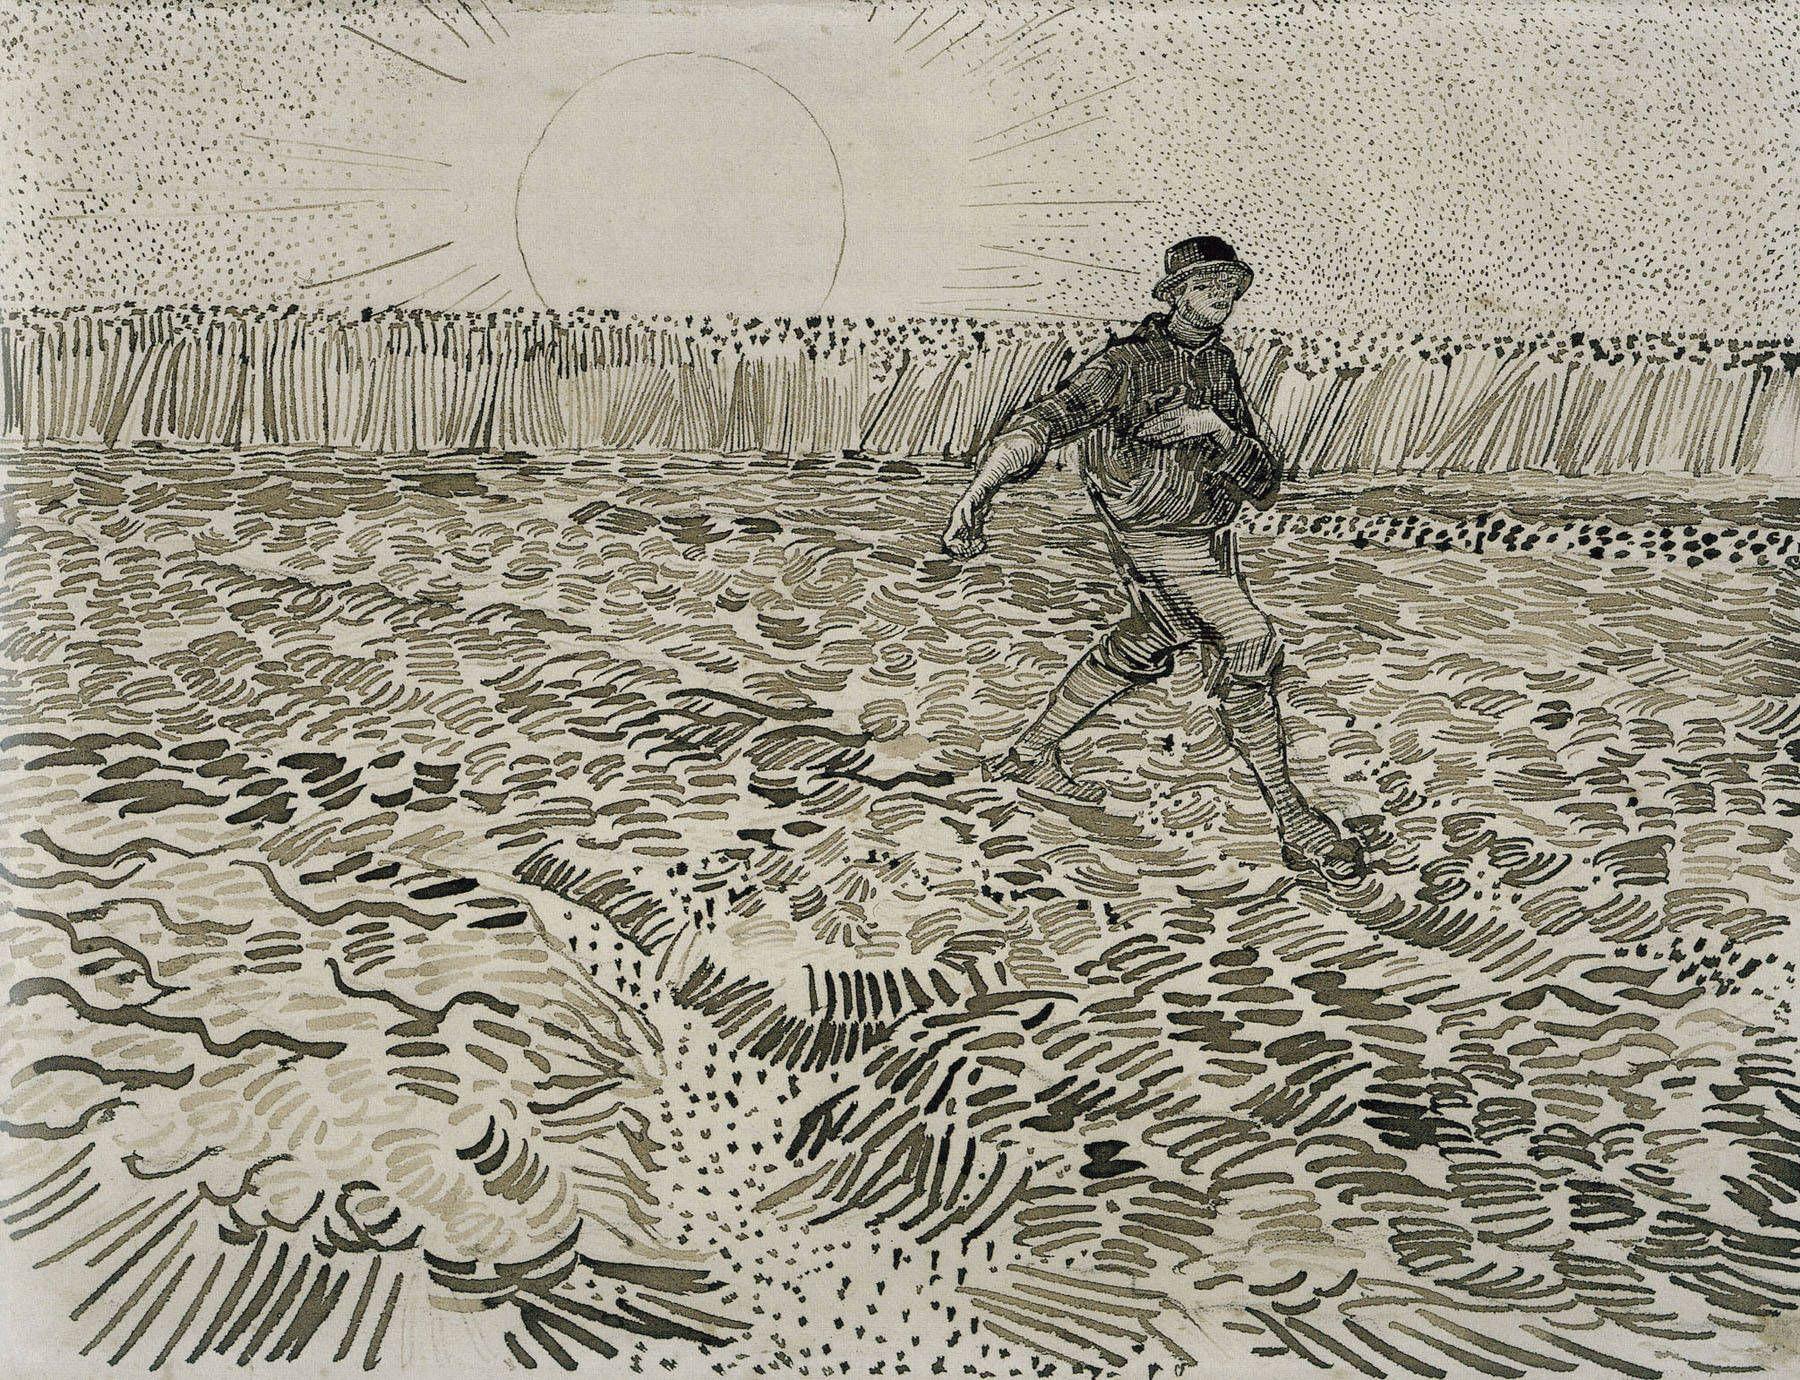 Pin By Eero Schultz On Van Gogh In 2019 Van Gogh Drawings